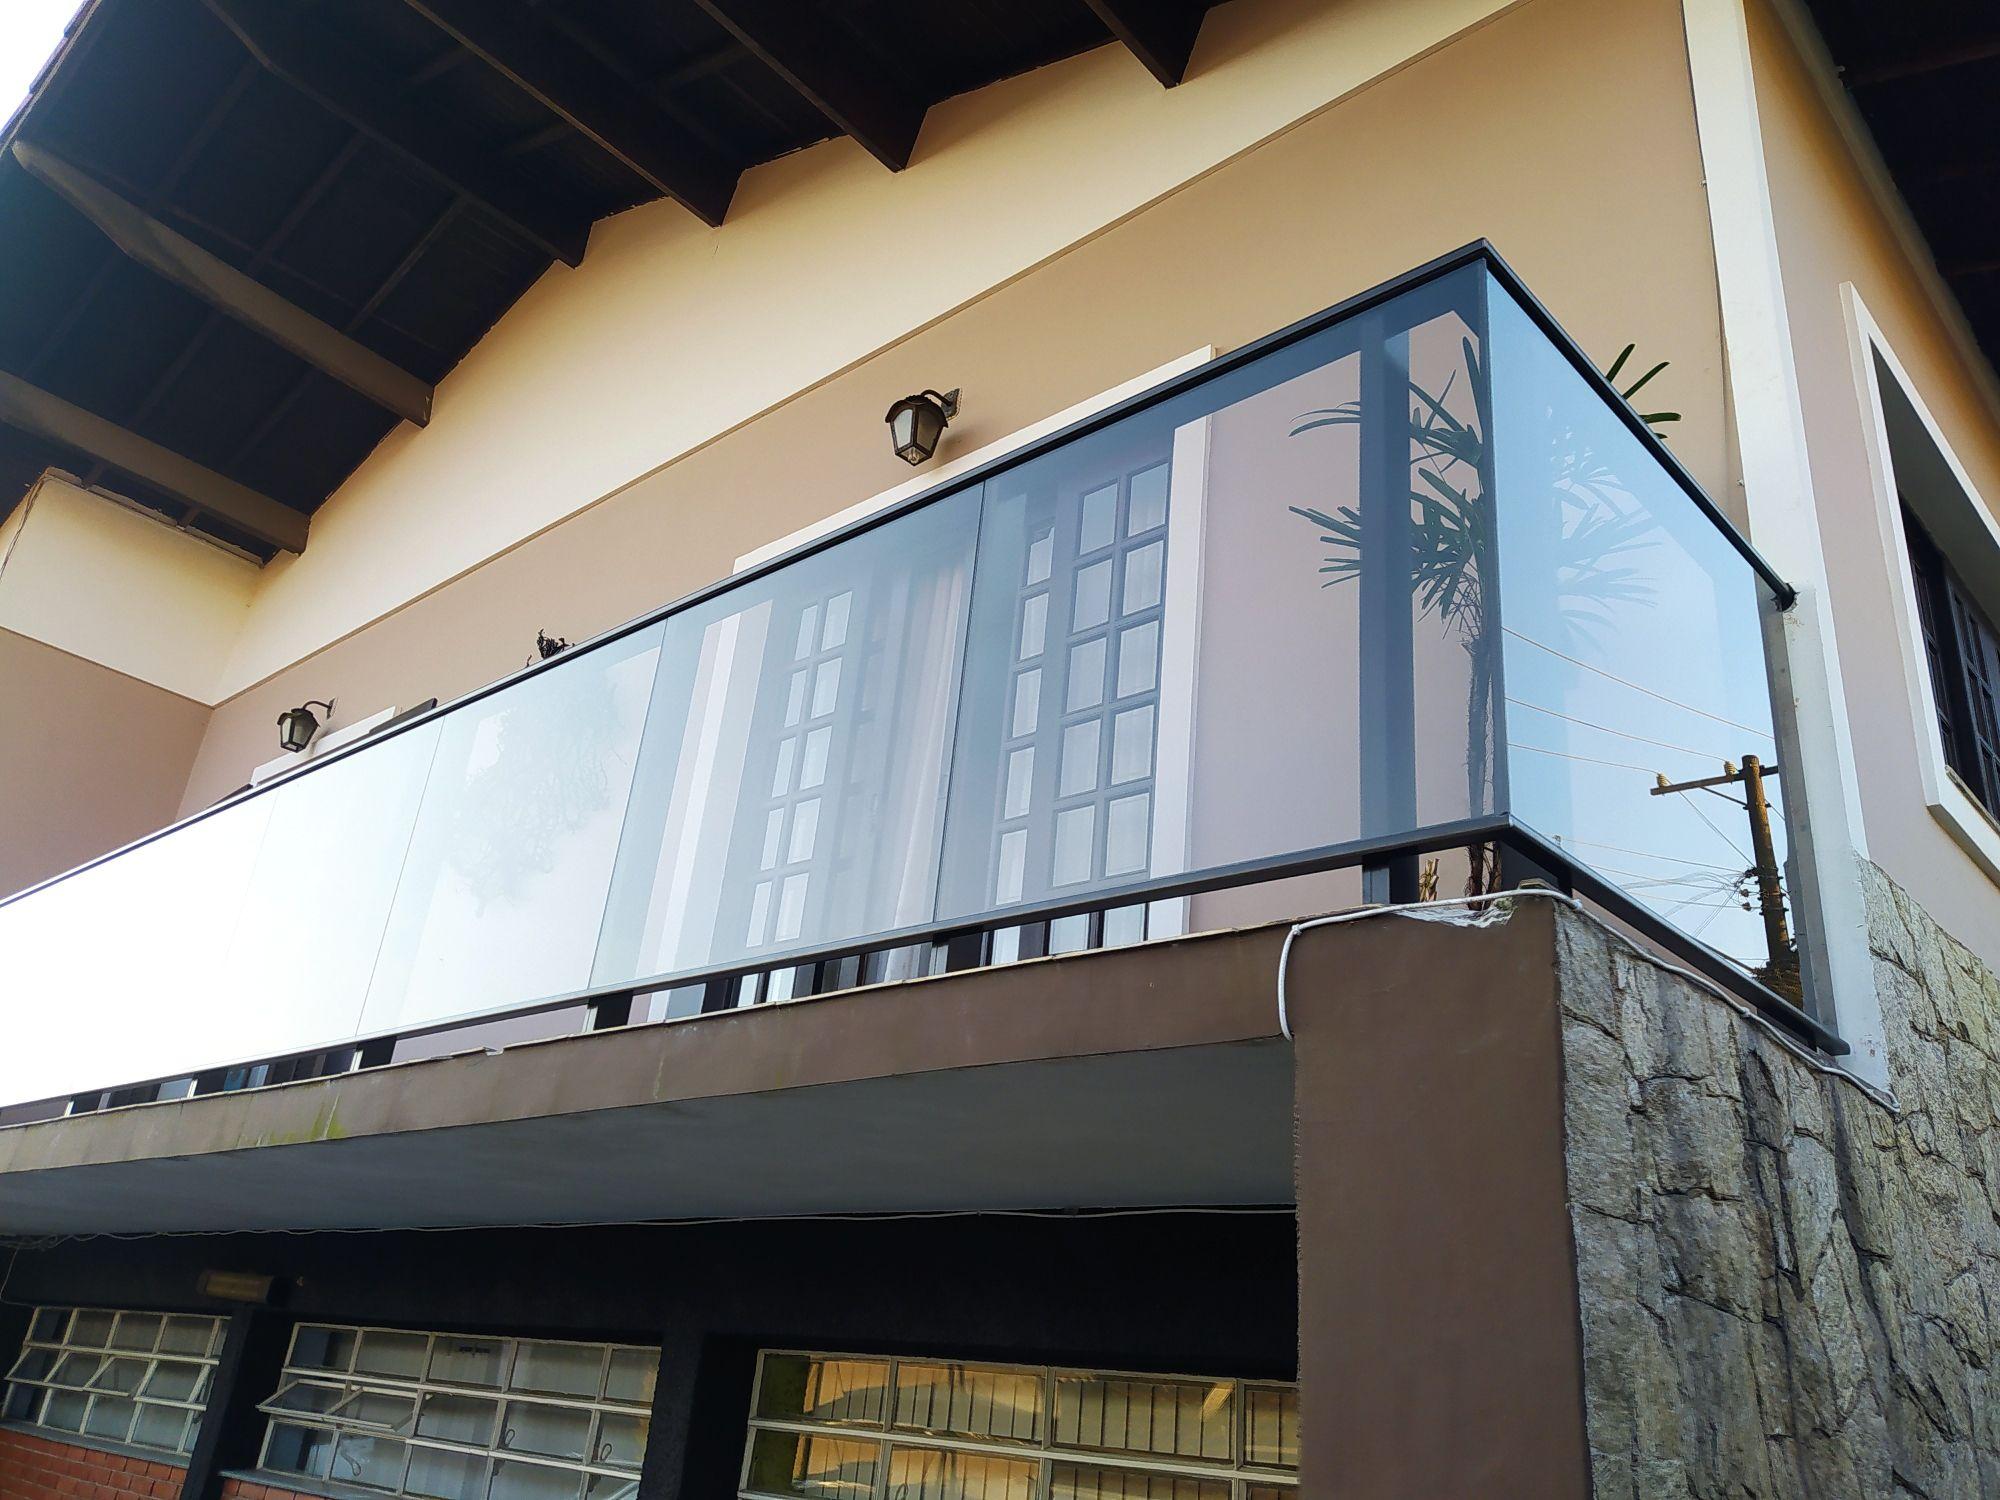 Guardo de vidro e alumínio